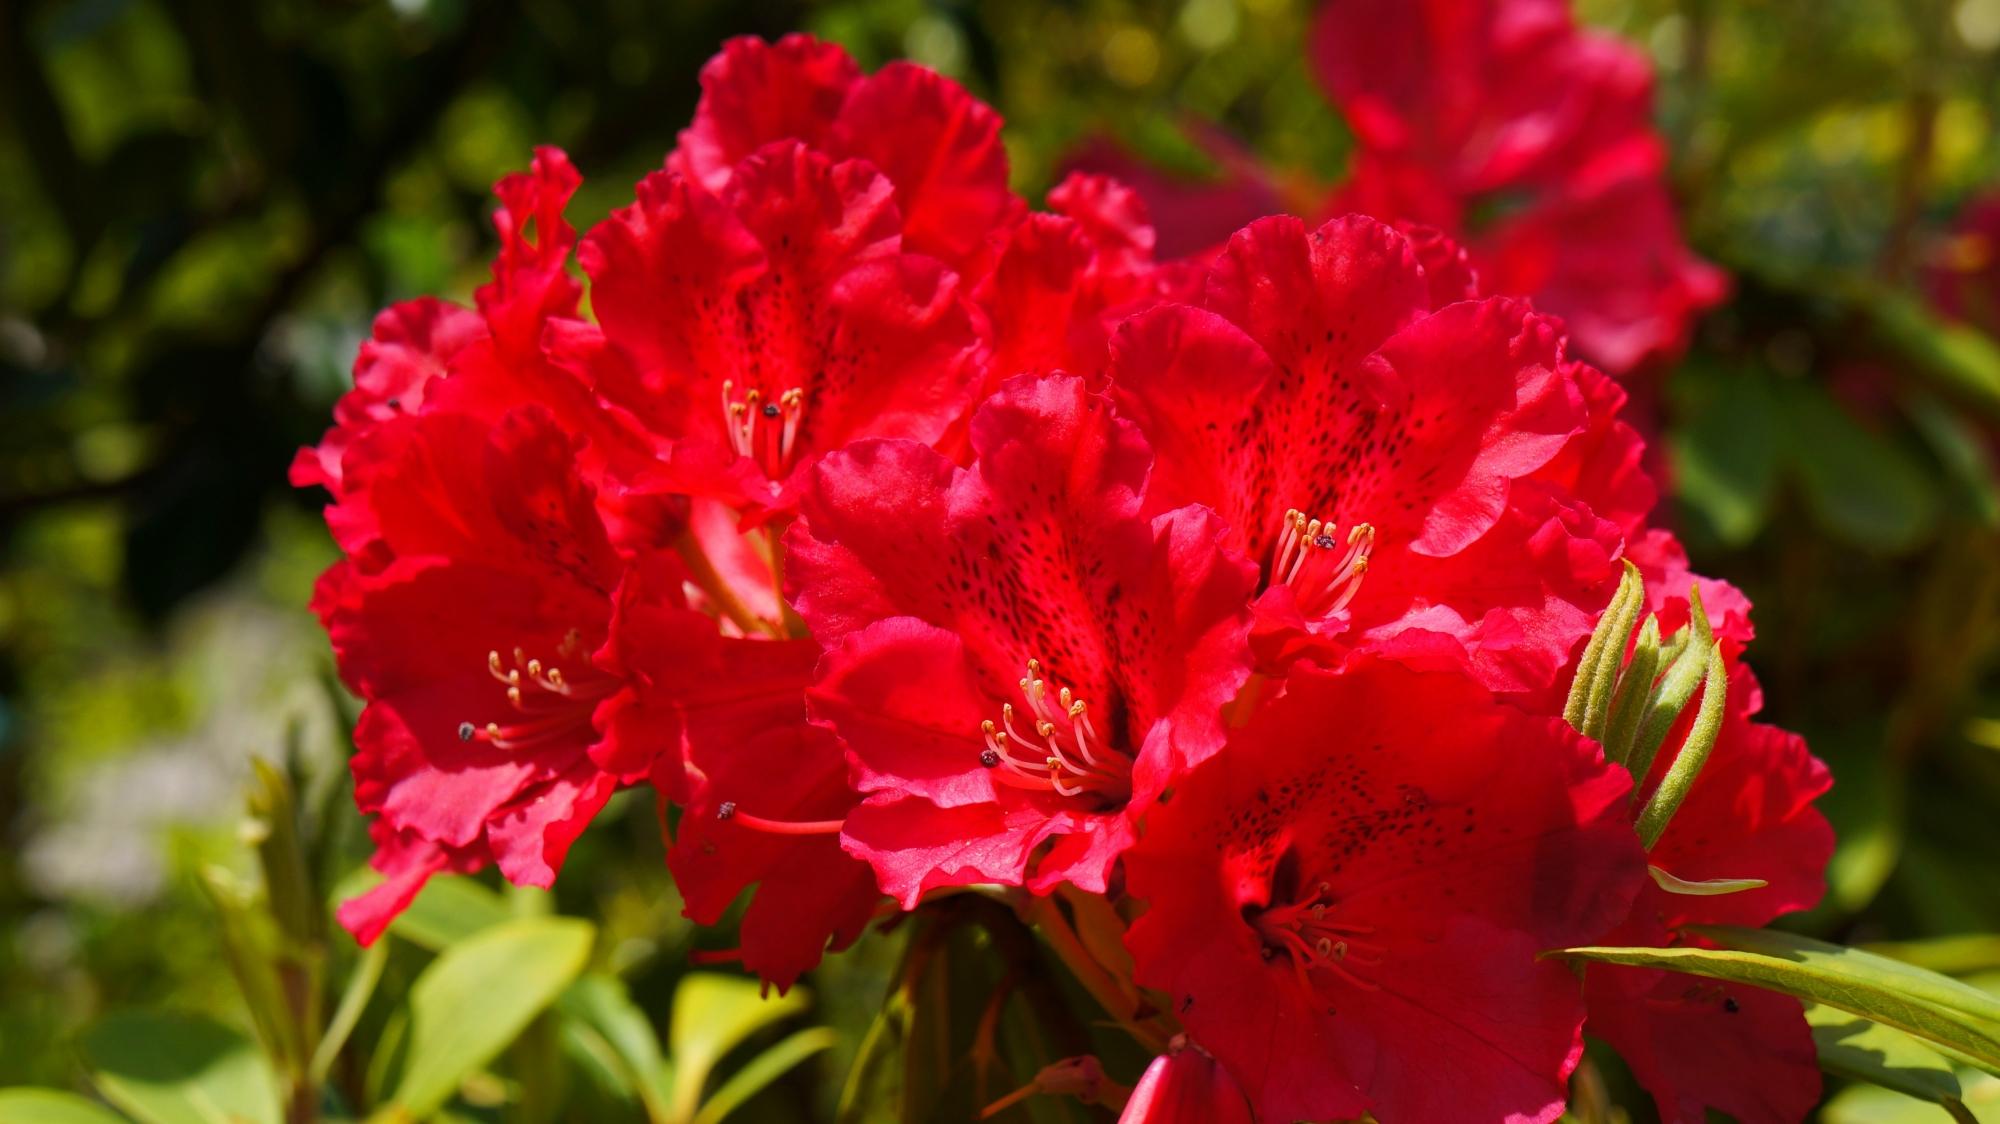 三室戸寺の真っ赤な鮮烈な色合いの石楠花